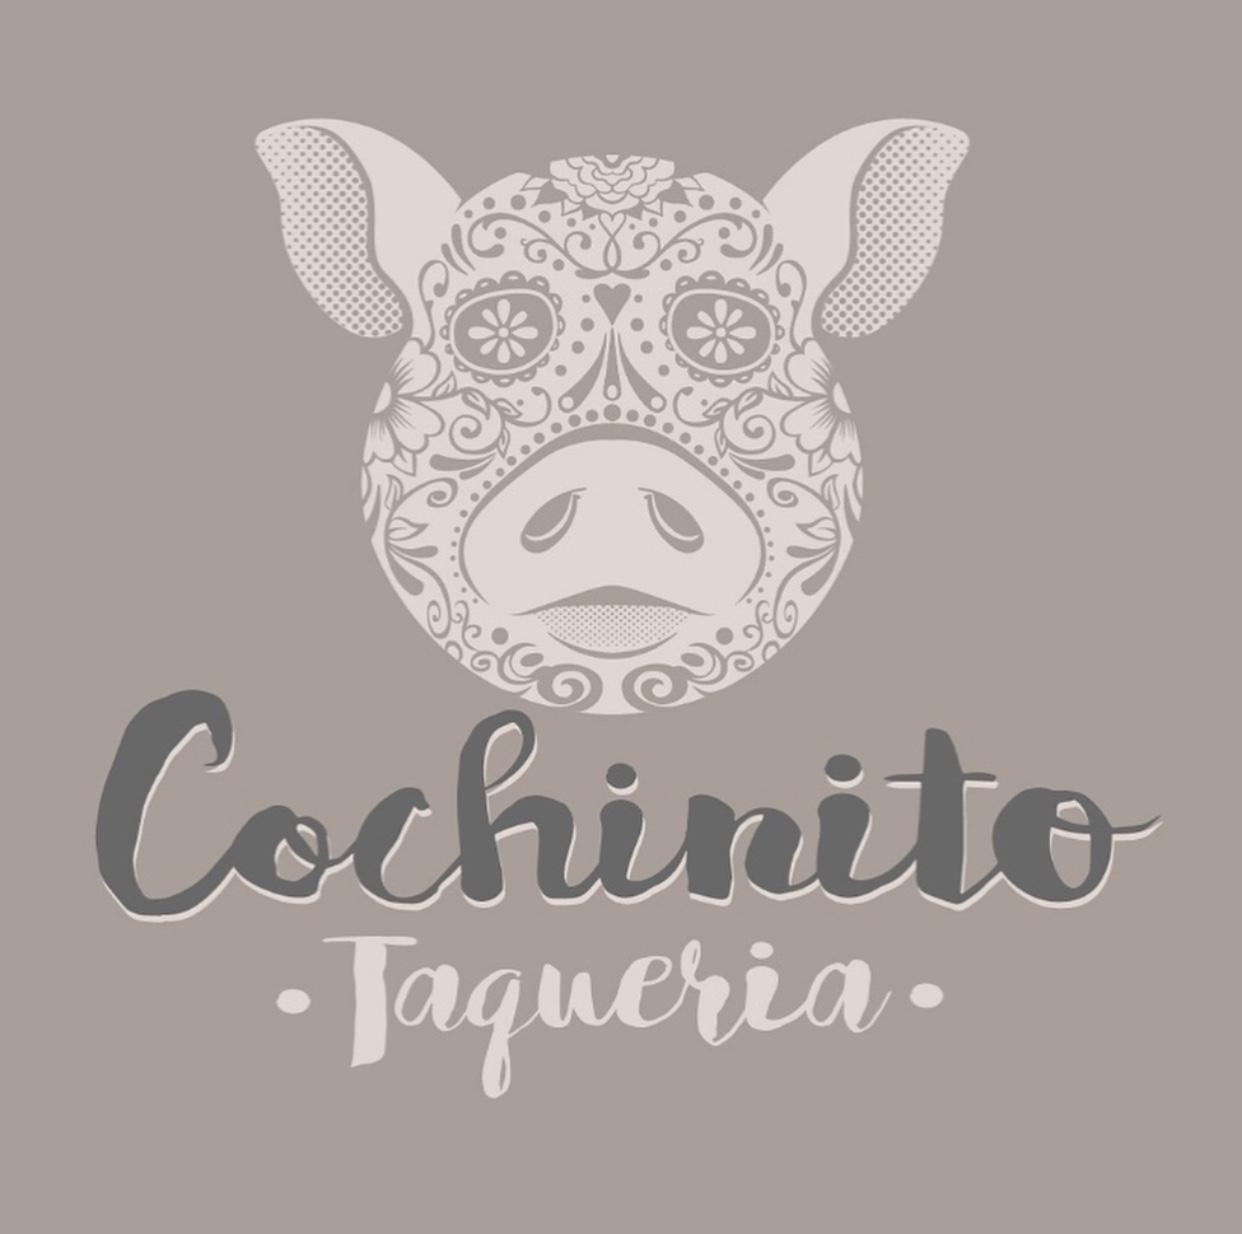 Image courtesy of Cochinito